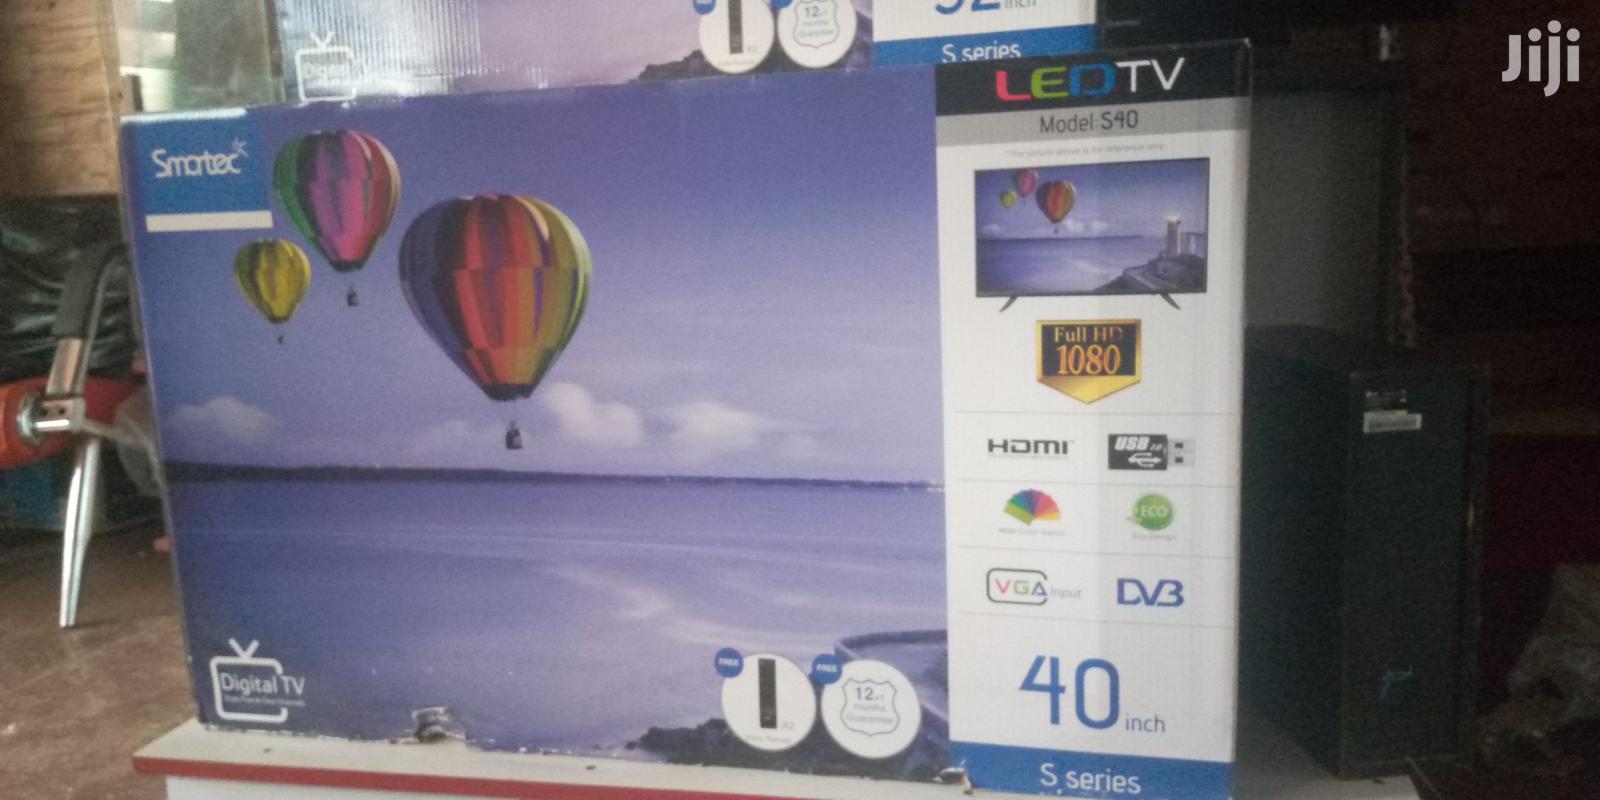 Smartec Flat Screen Digital Tv 40 Inches